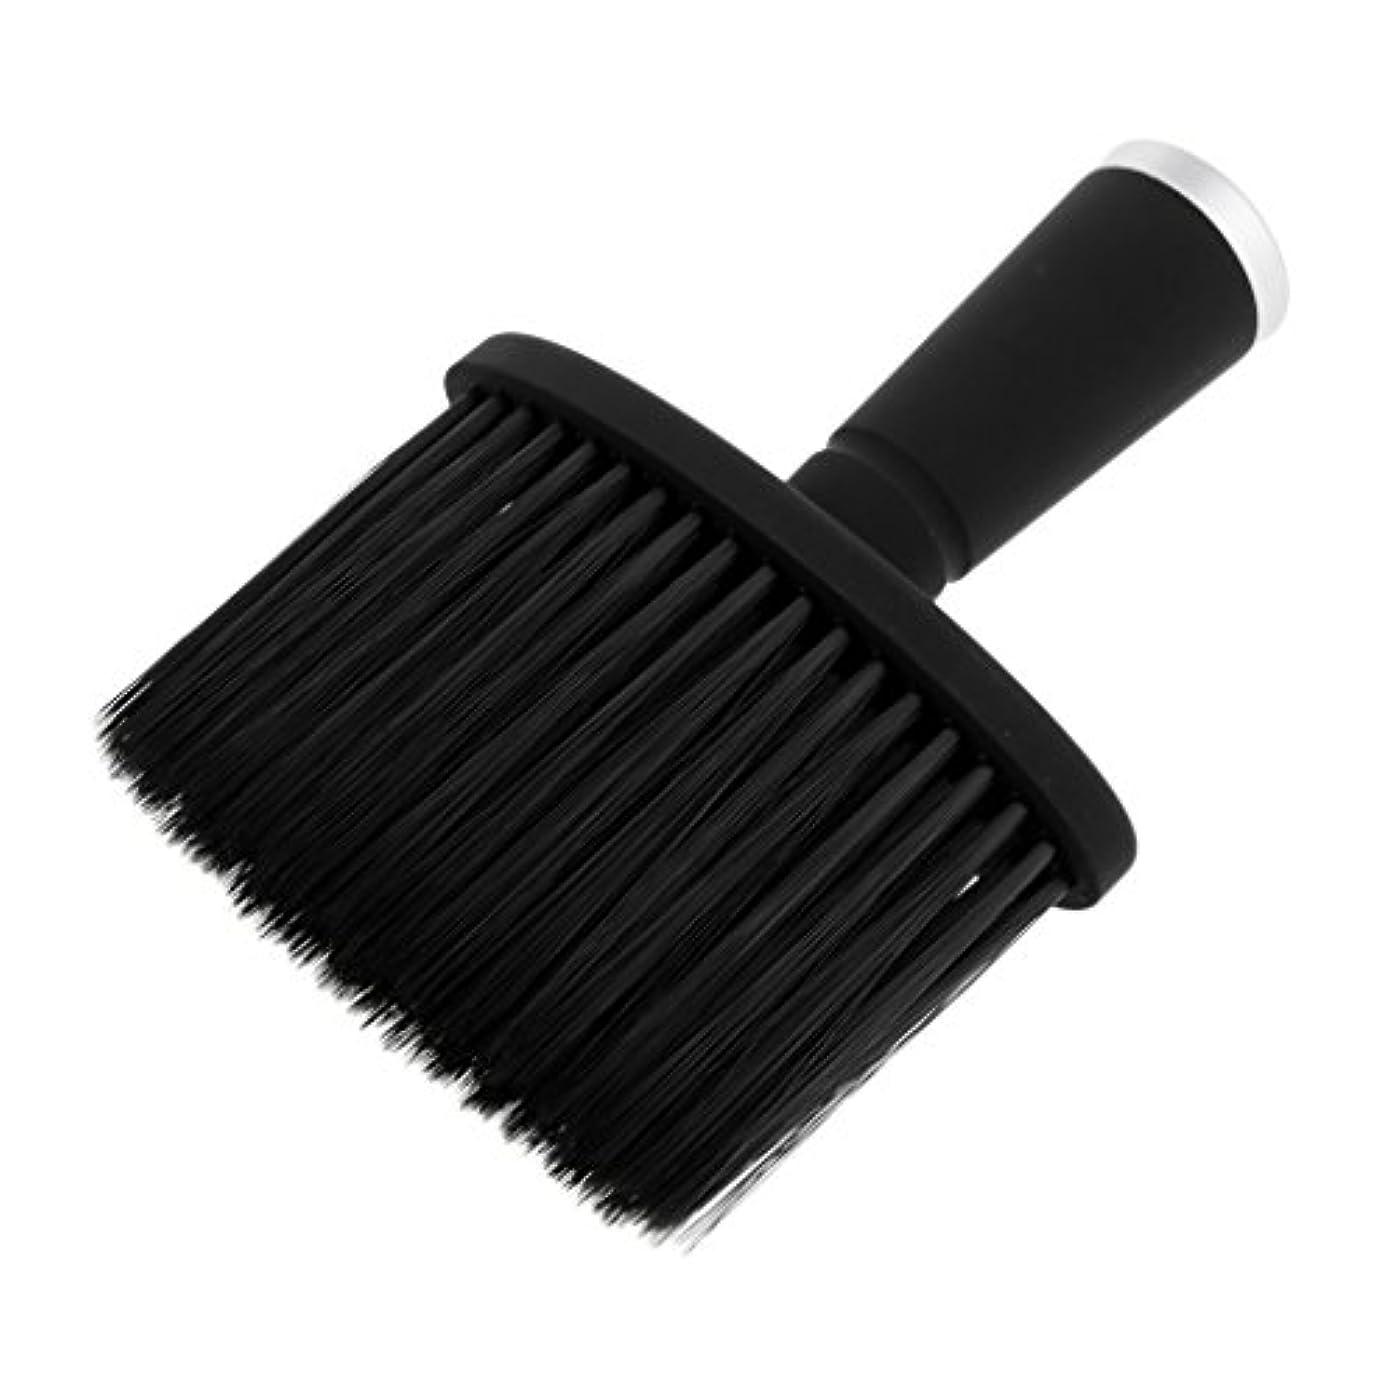 プレミア穏やかな拡大するソフトネックダスターブラシサロンのためのスタイリストの理髪髪ヘアカットメイクツール - 銀